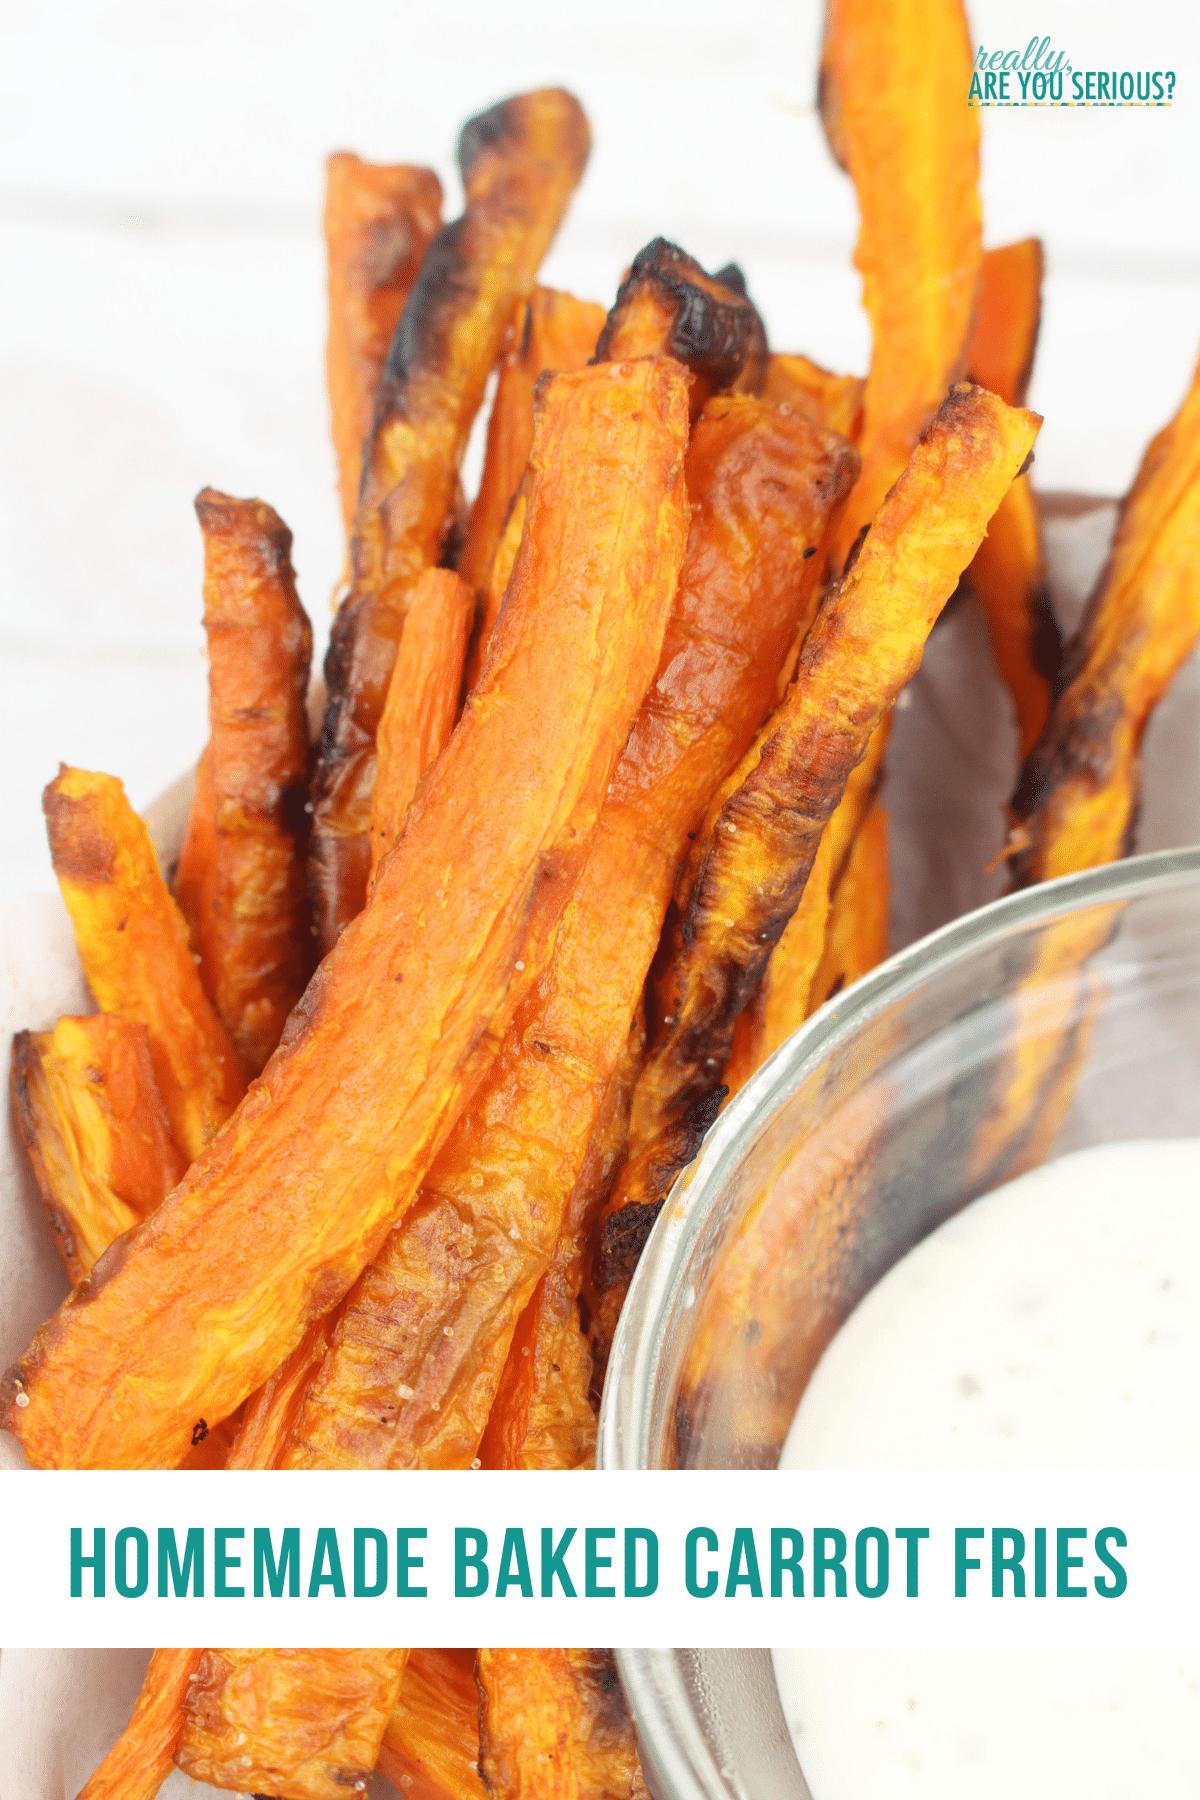 Homemade baked carrot fries